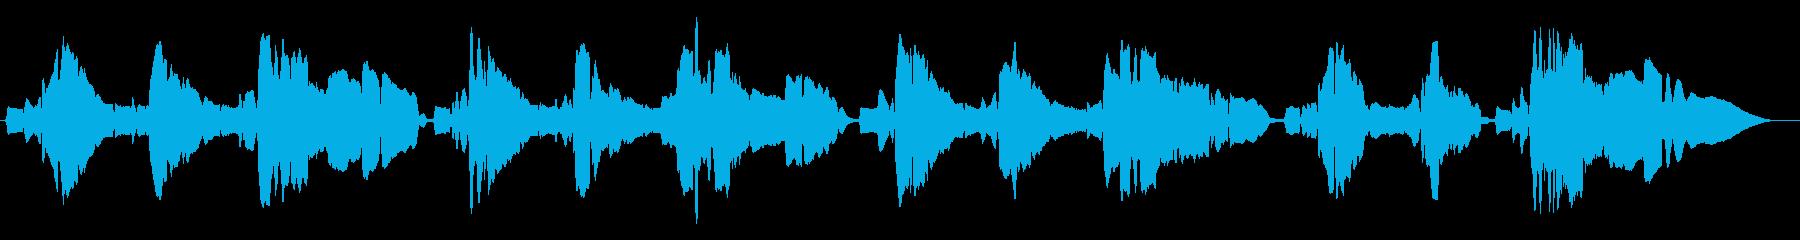 サックスの重奏ですの再生済みの波形